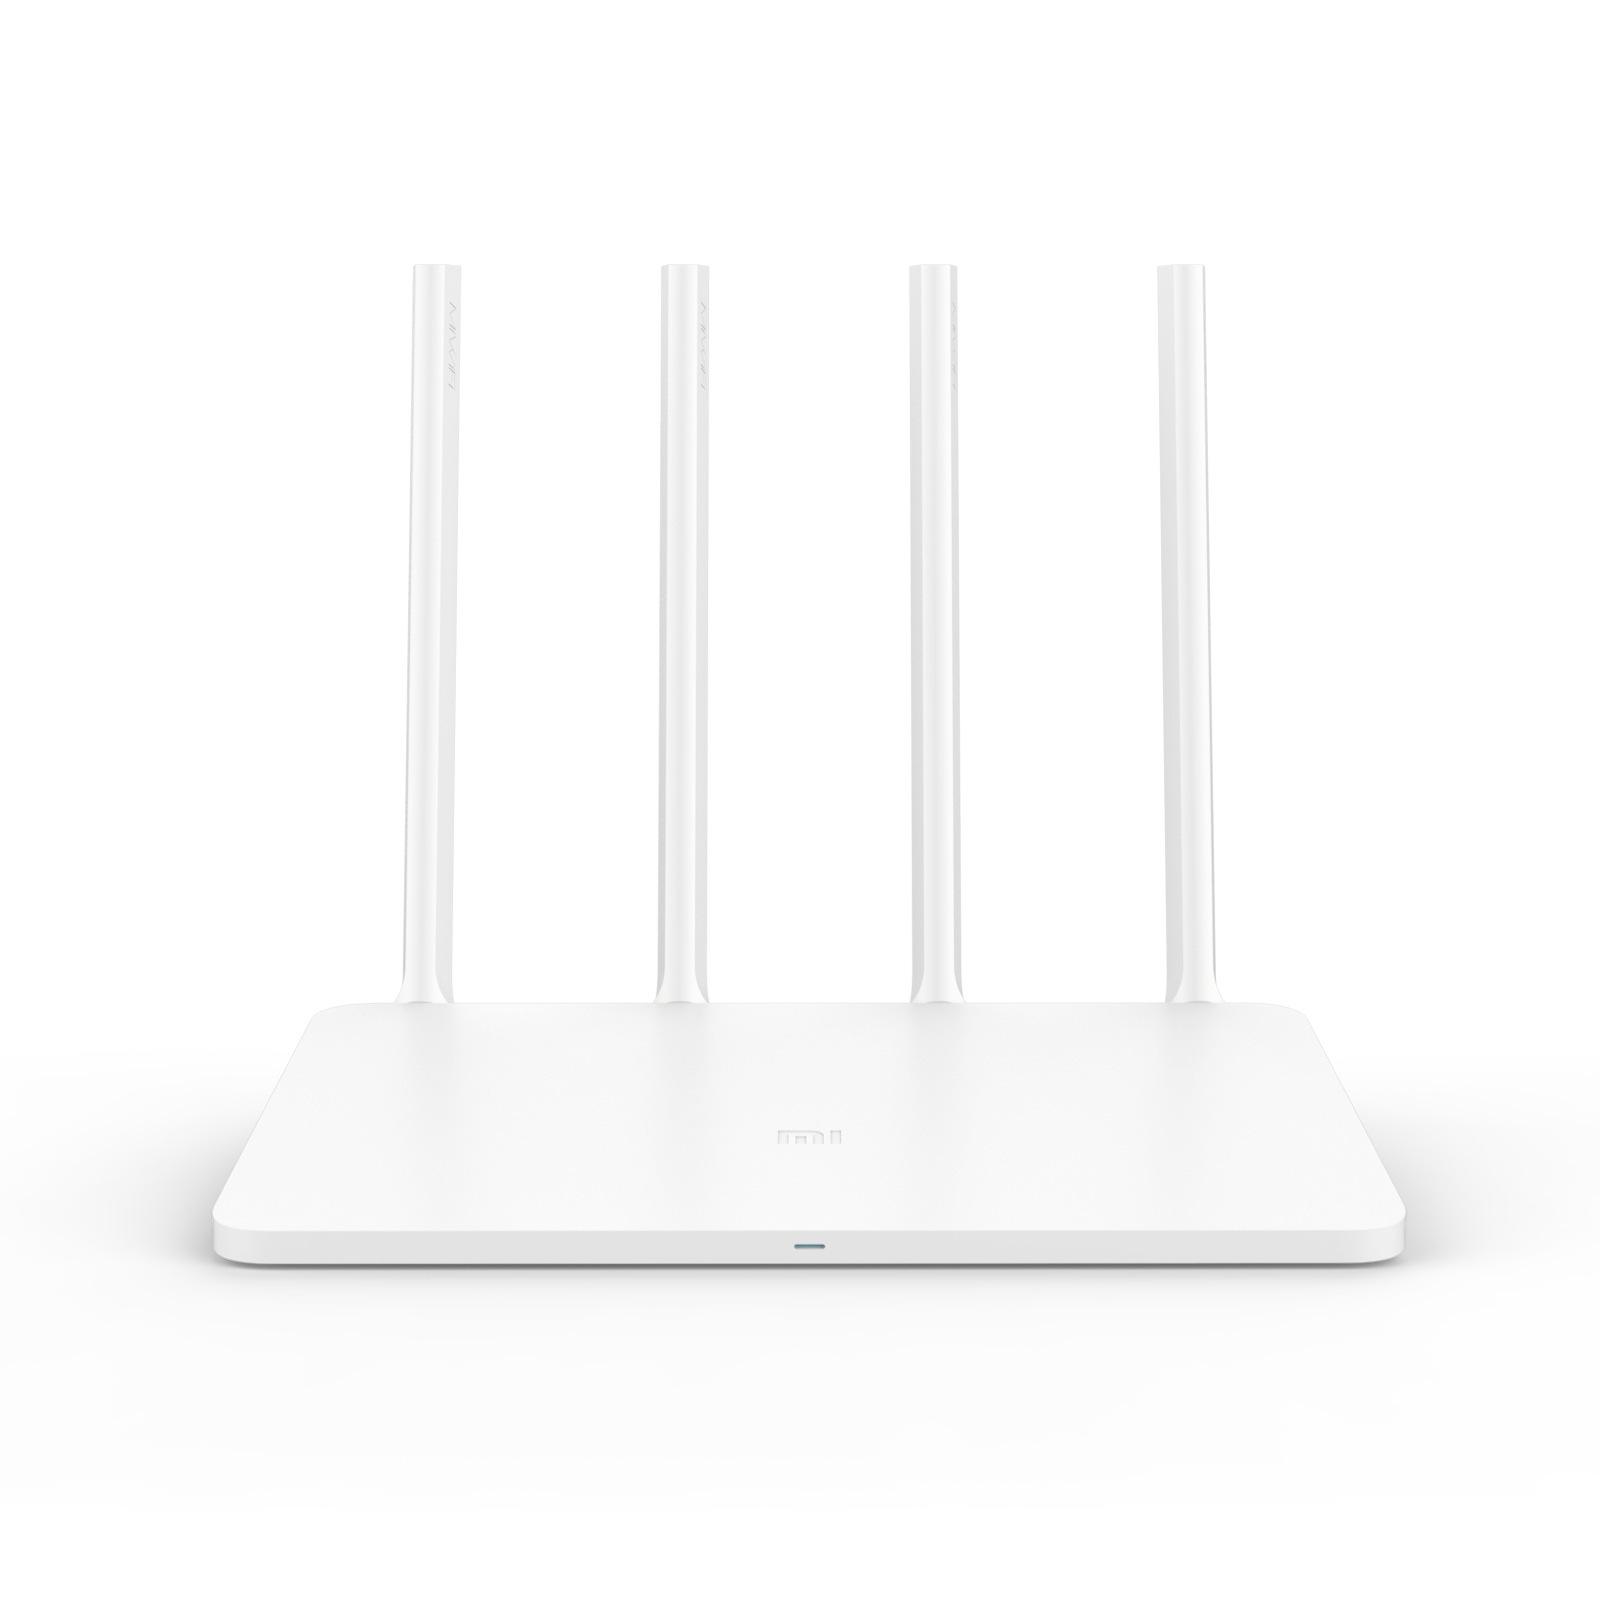 小米i路由器3 1200M智能无线穿墙家用5G高速千兆路由器小米wifi